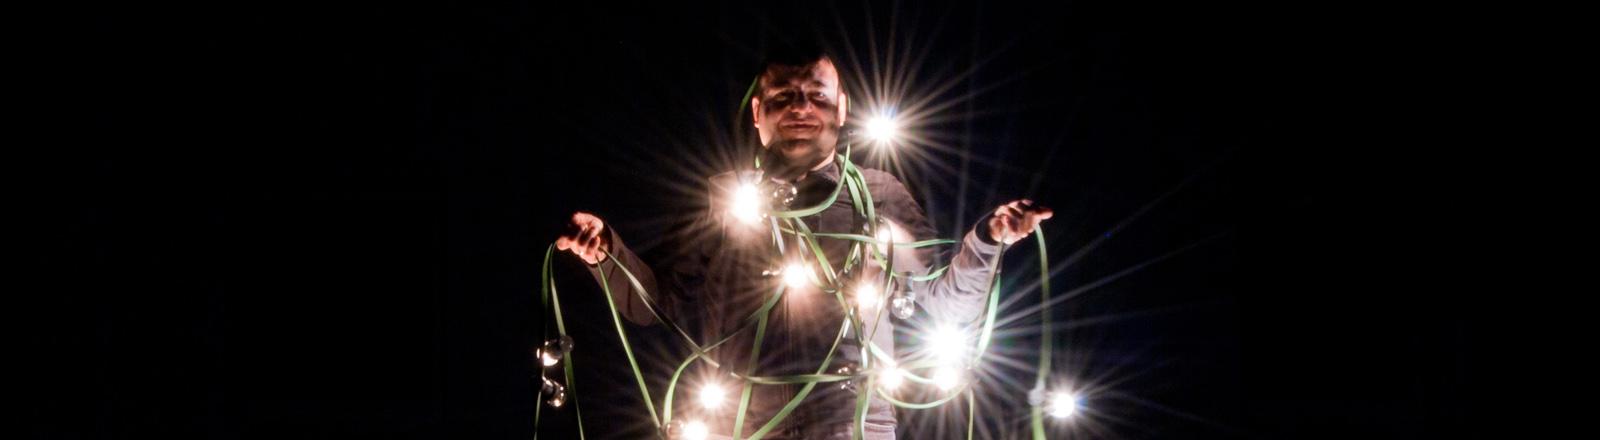 Mensch in eine Lichterkette gewickelt